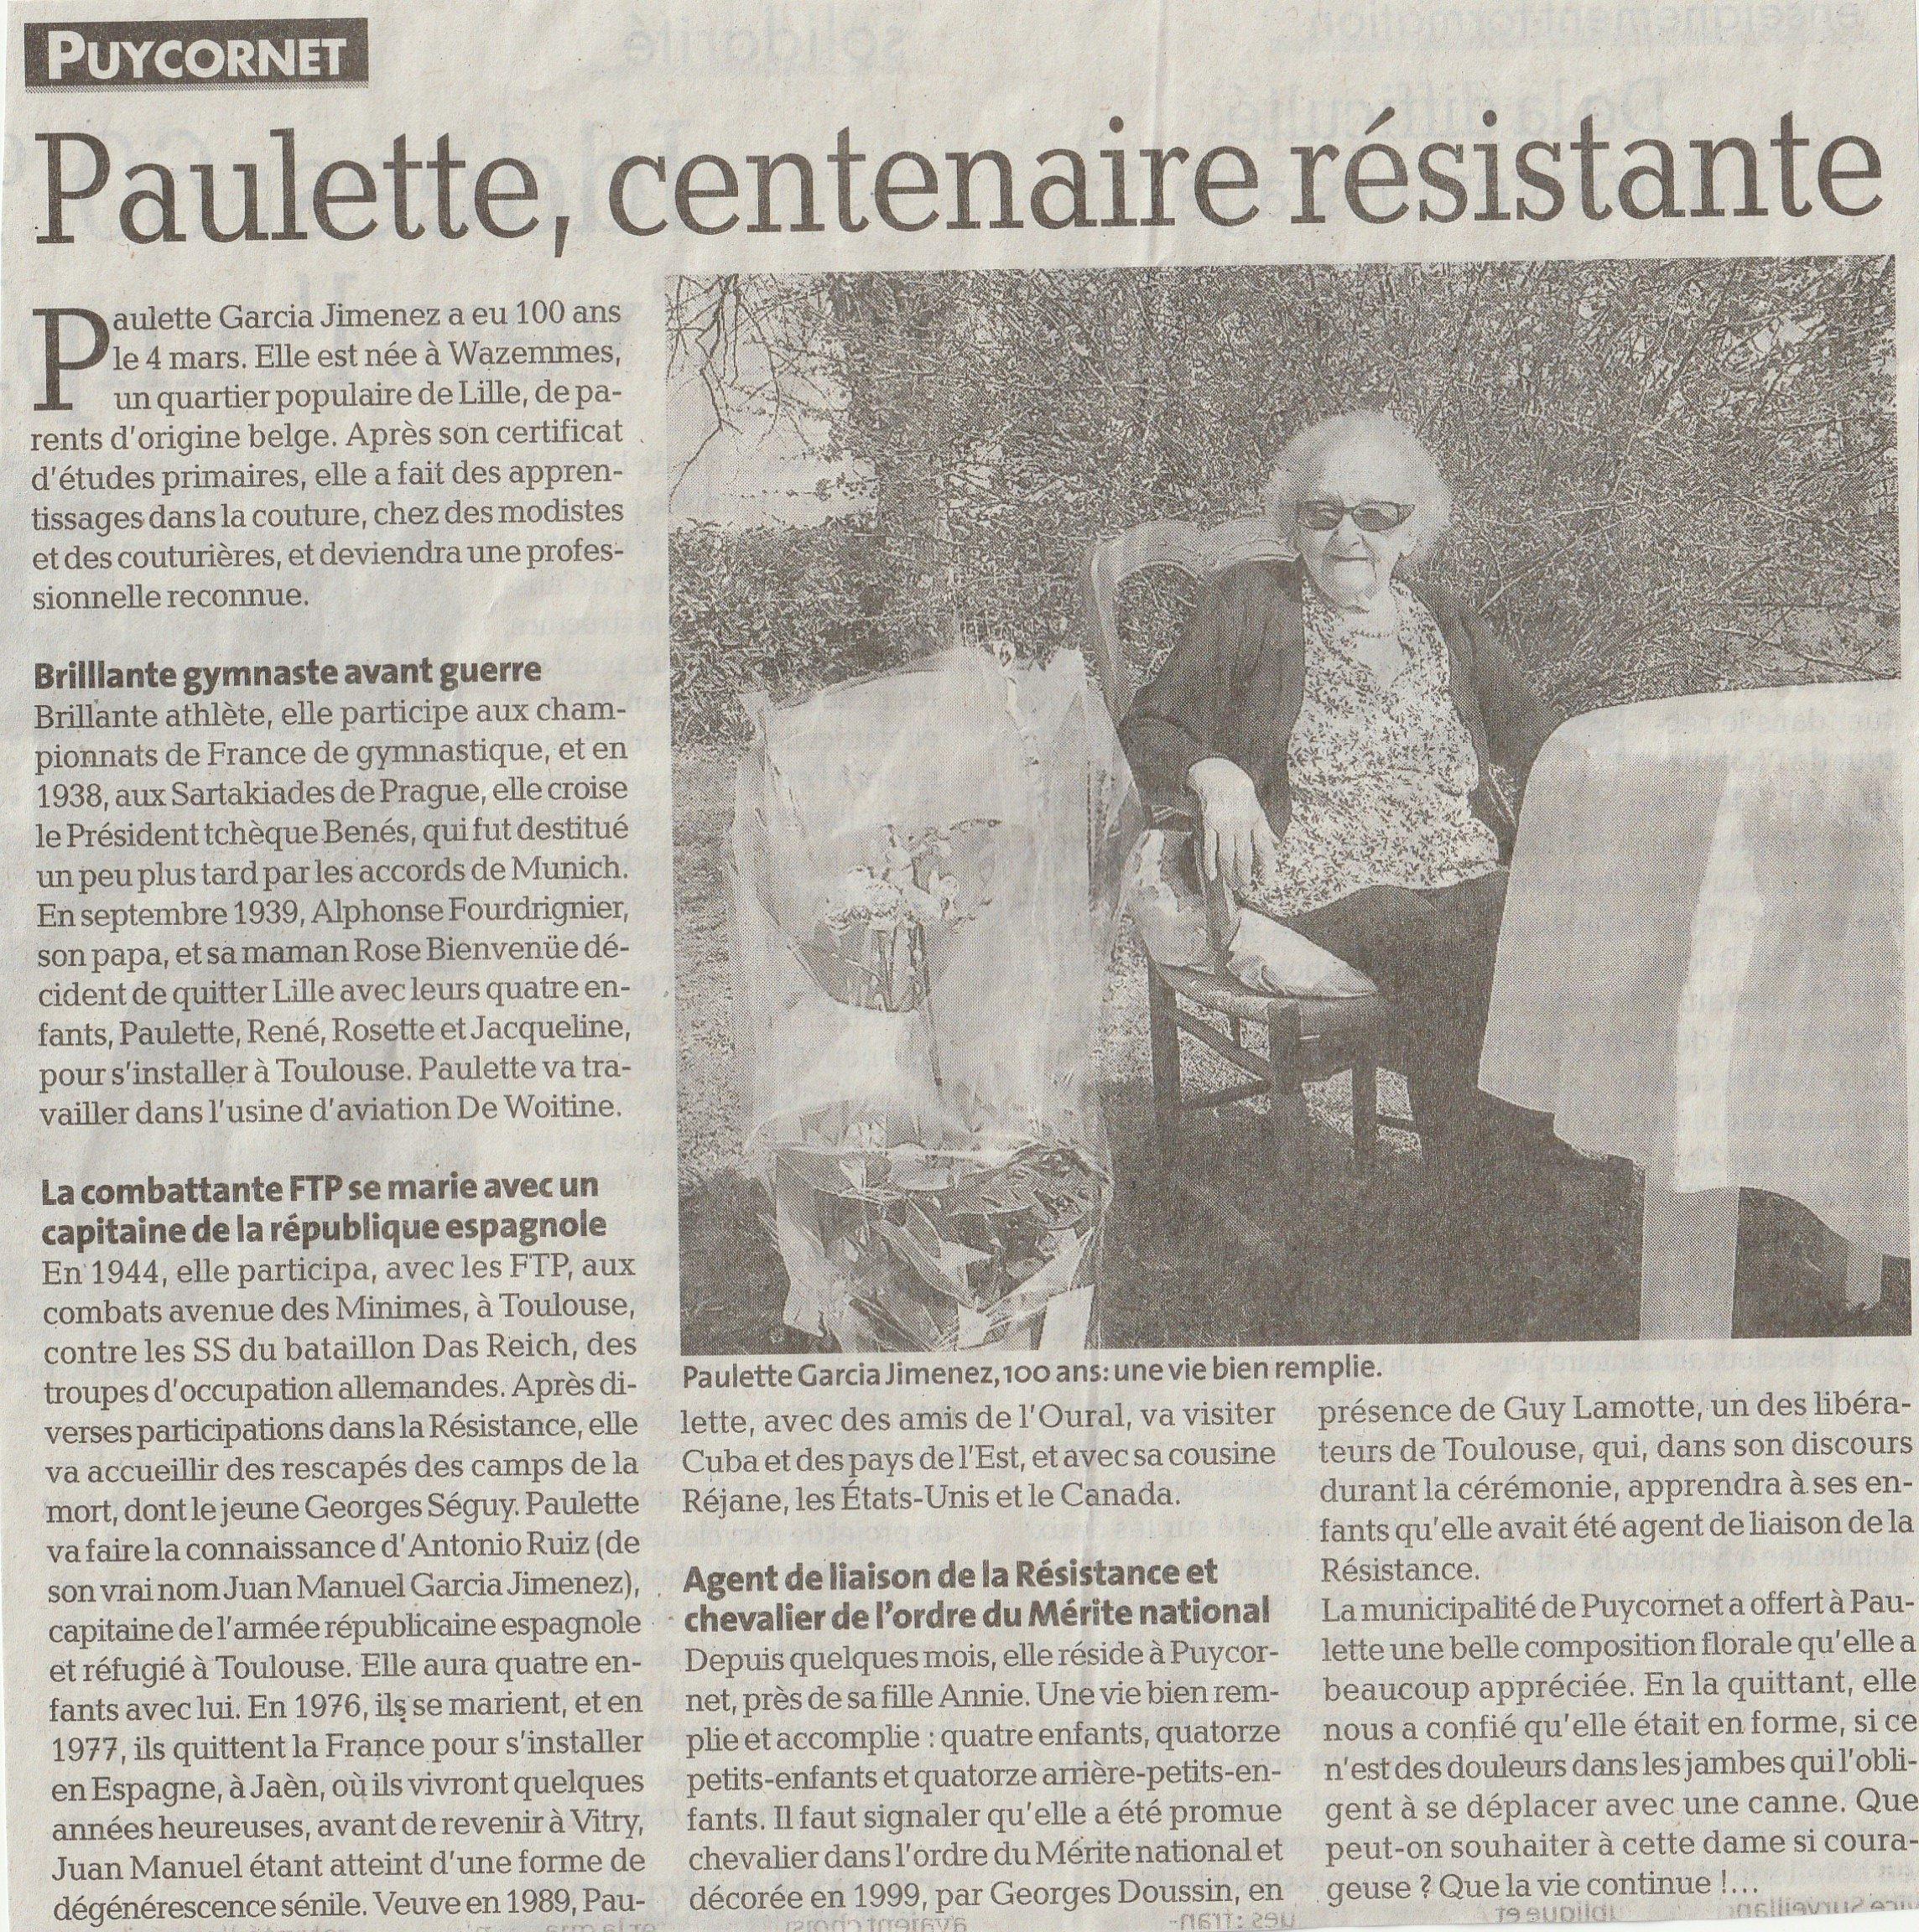 article dépêche Paulette centenaire